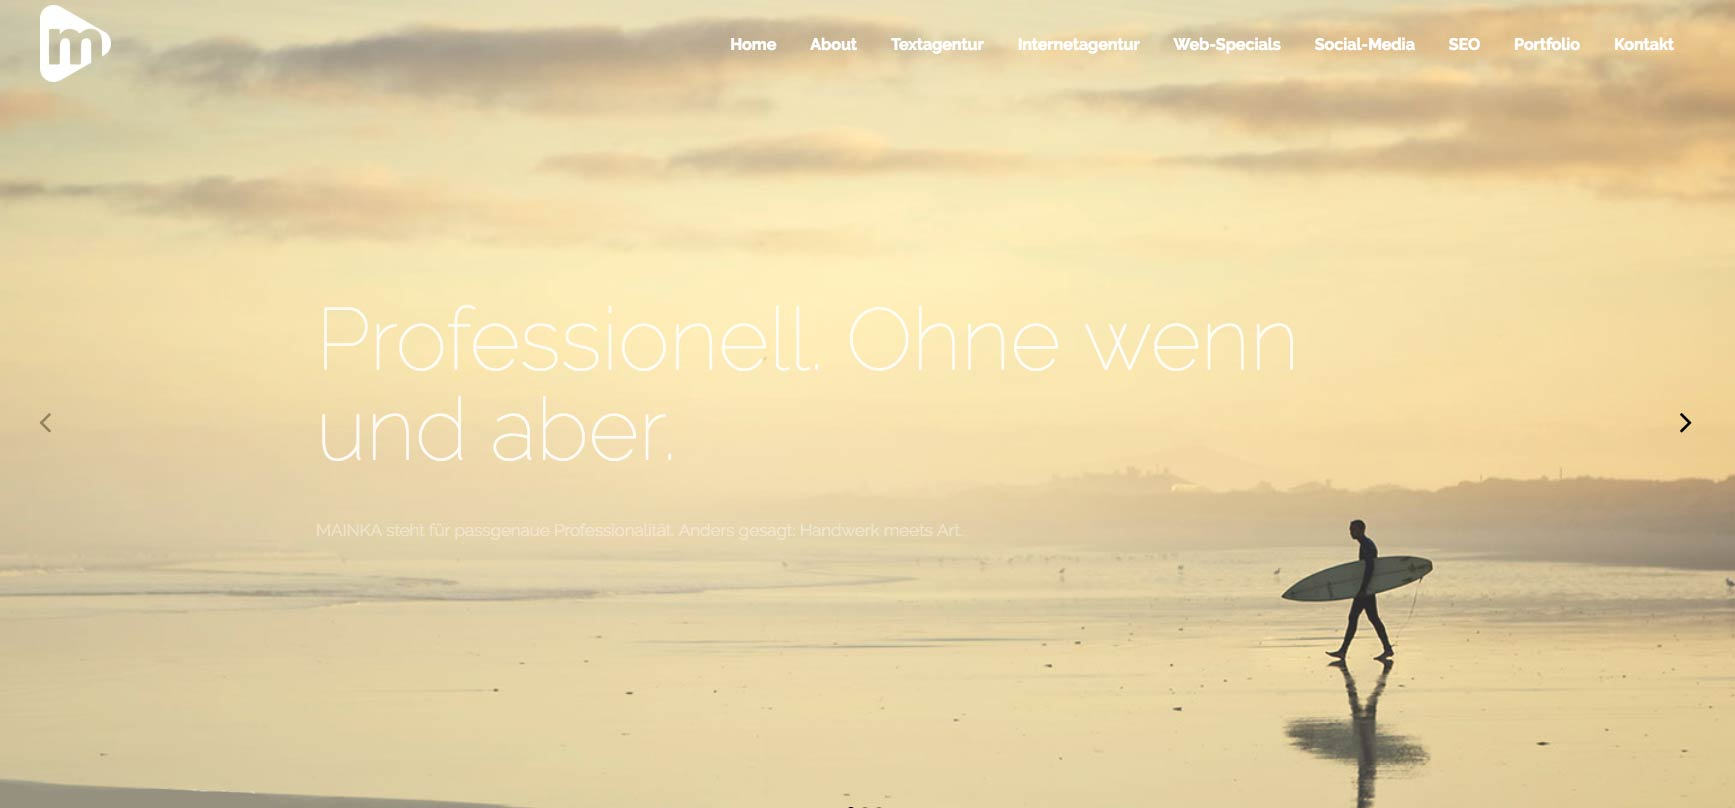 Bild von der Homepage Mainka